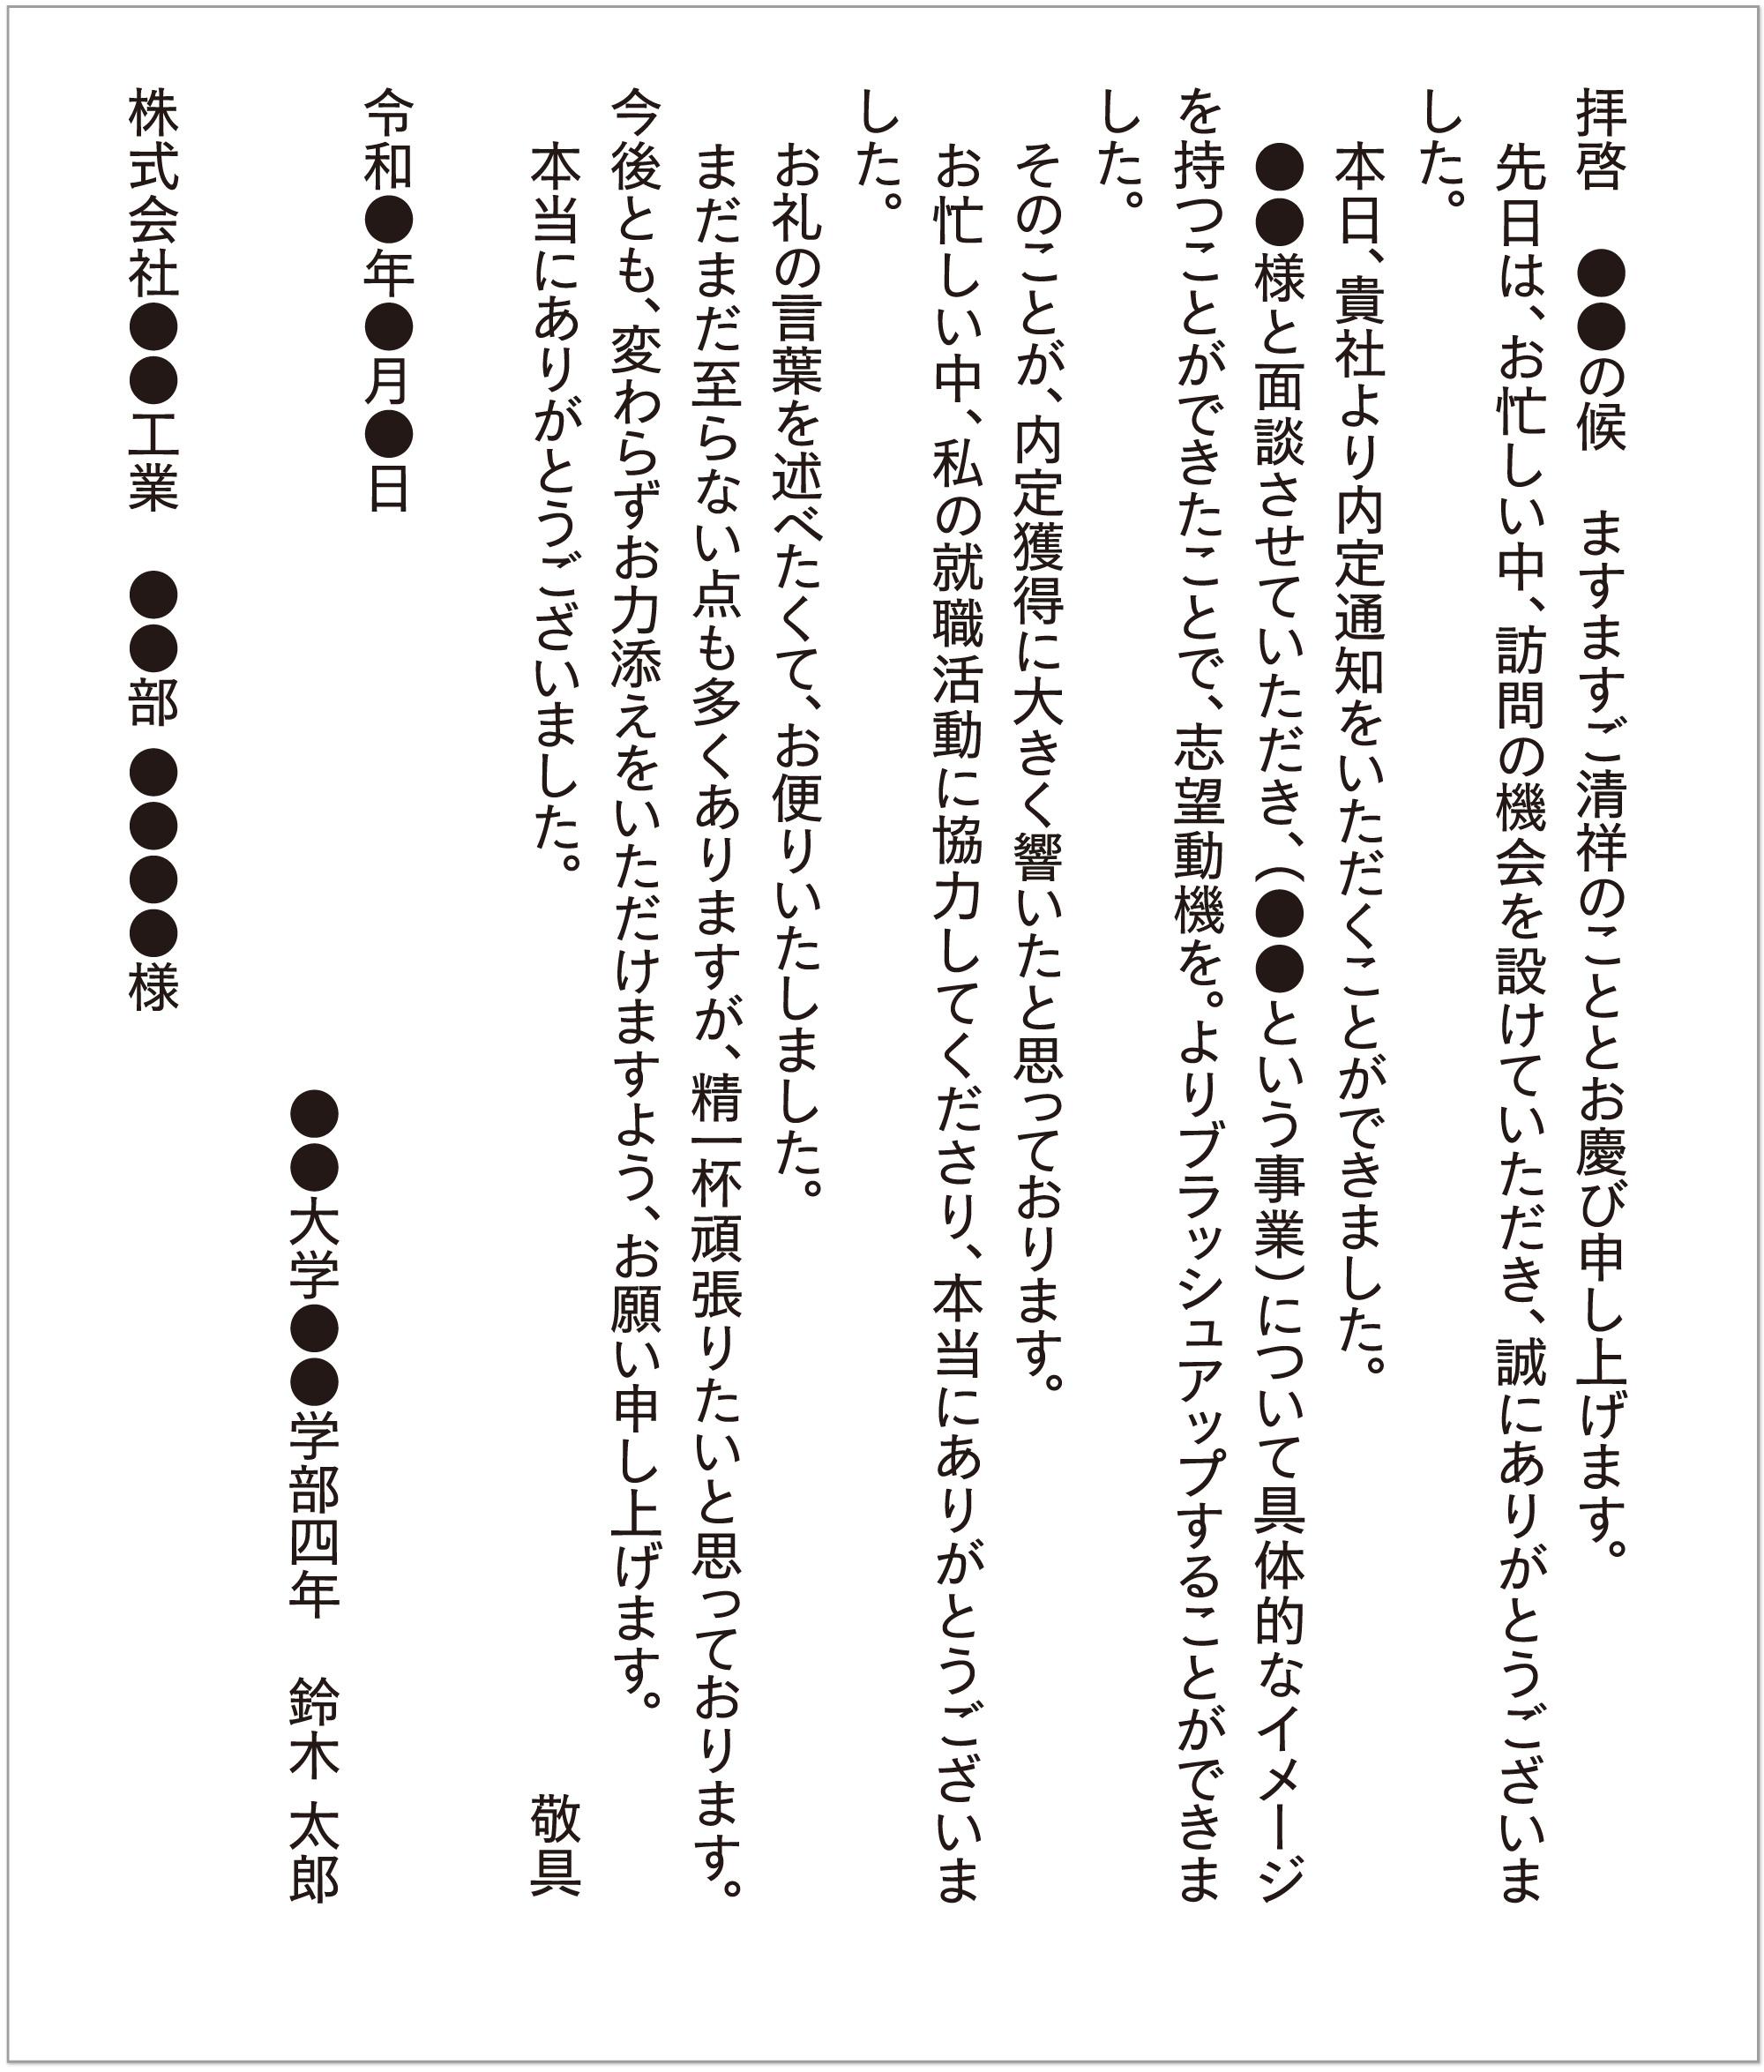 内定のお礼(手紙編) OBOGへのお礼状